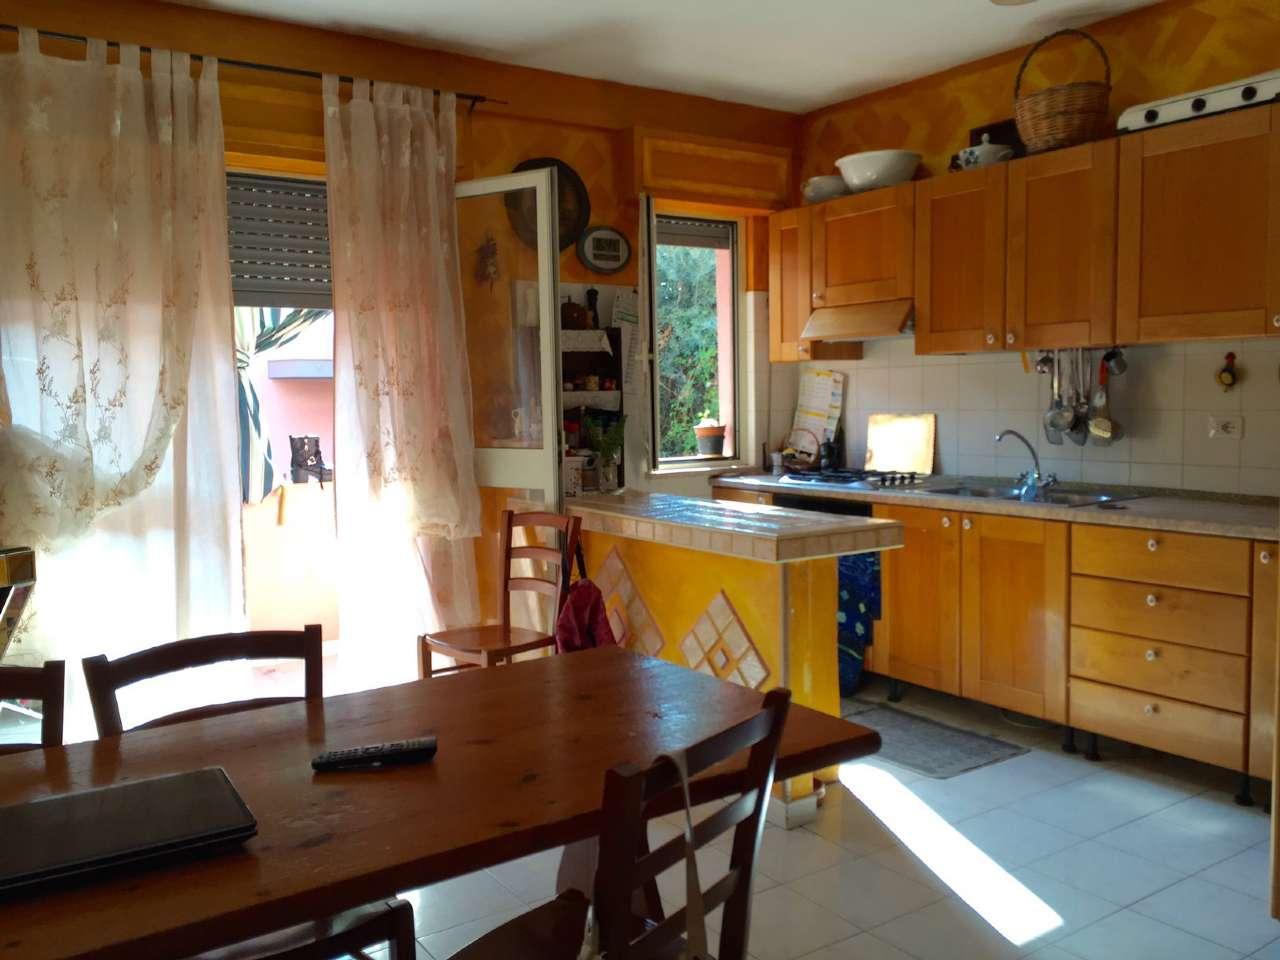 Appartamento in vendita a Sinnai, 5 locali, prezzo € 103.000 | CambioCasa.it